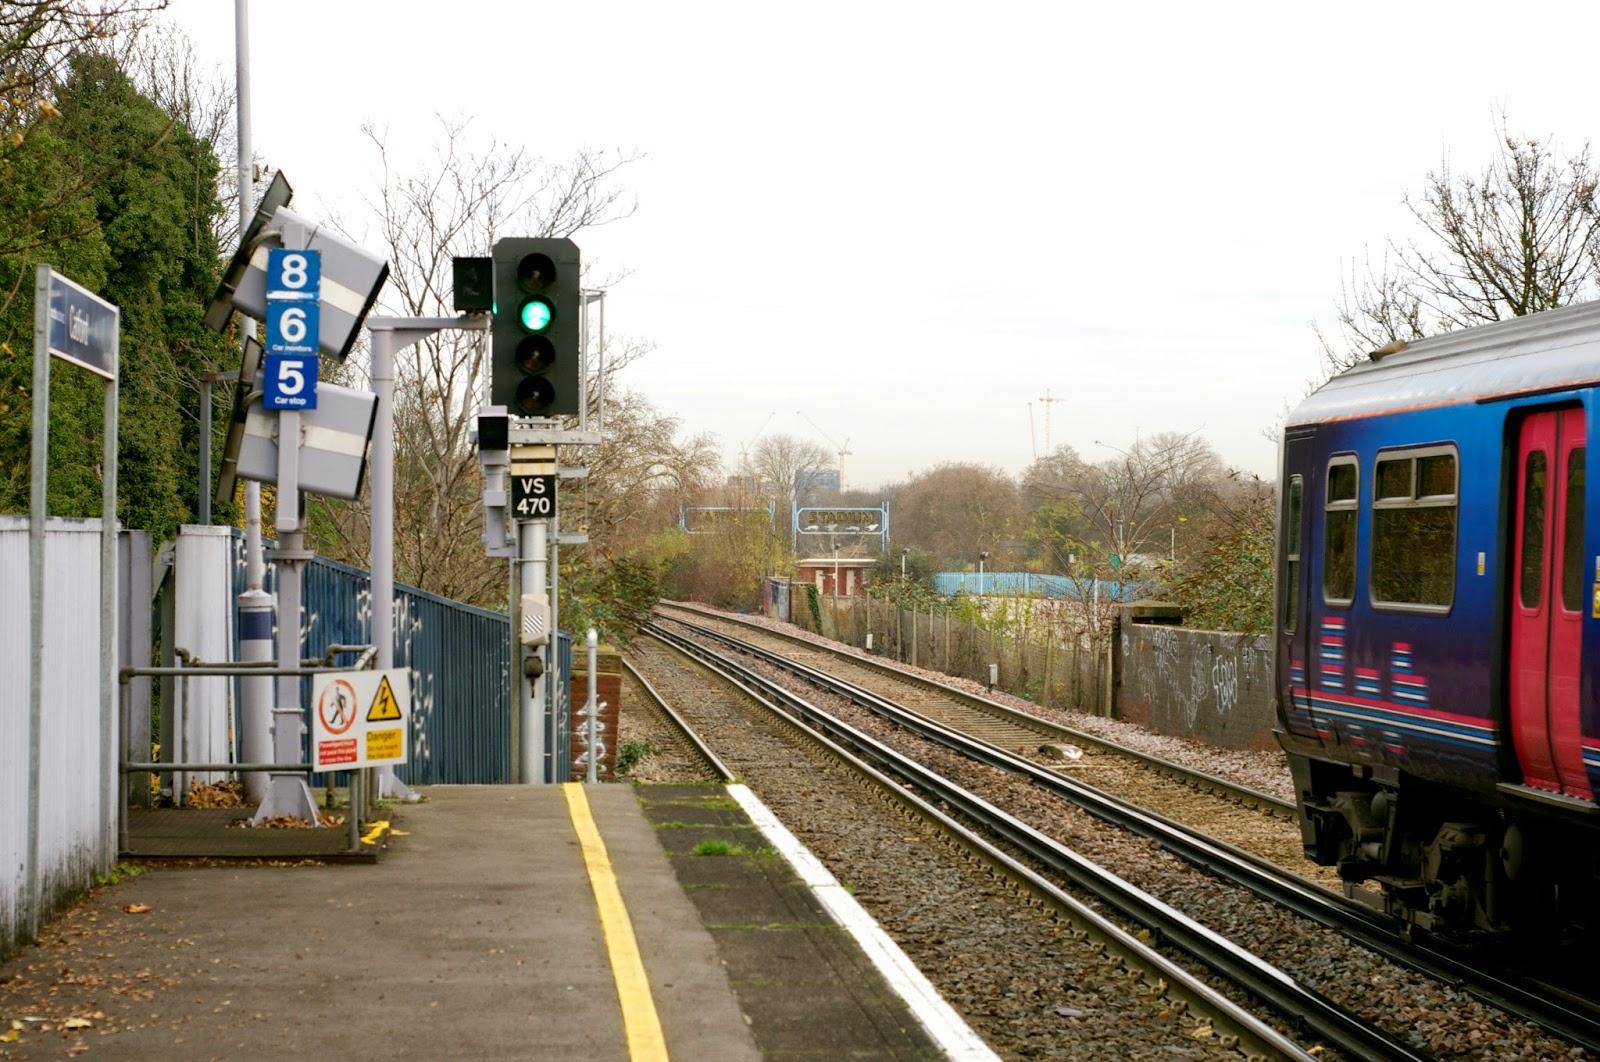 running railway timetabling